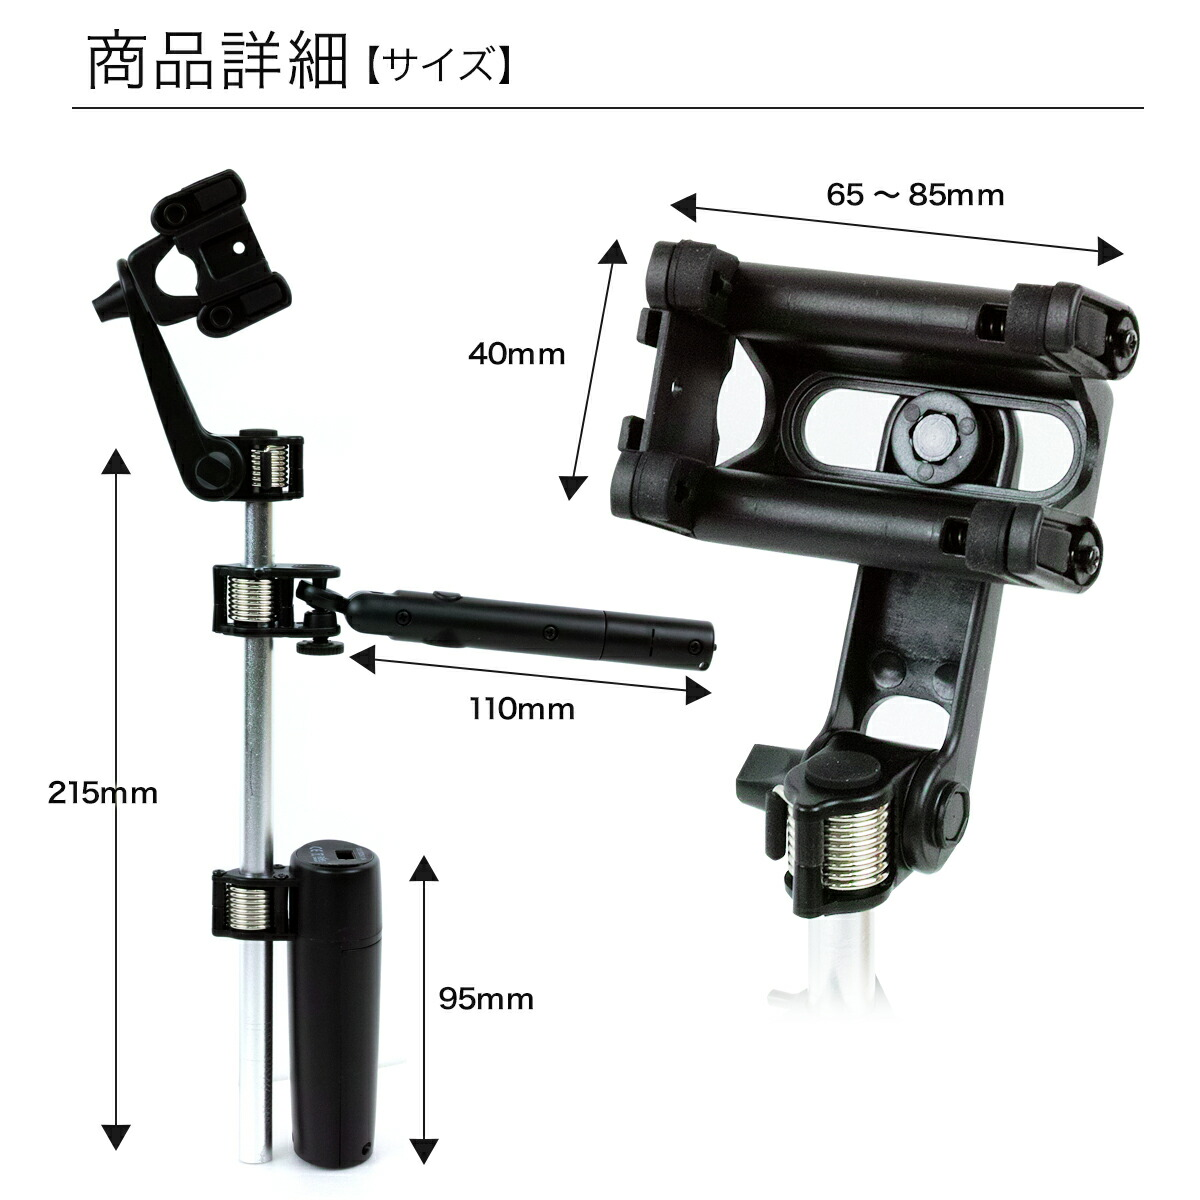 mini-RIG商品詳細サイズ